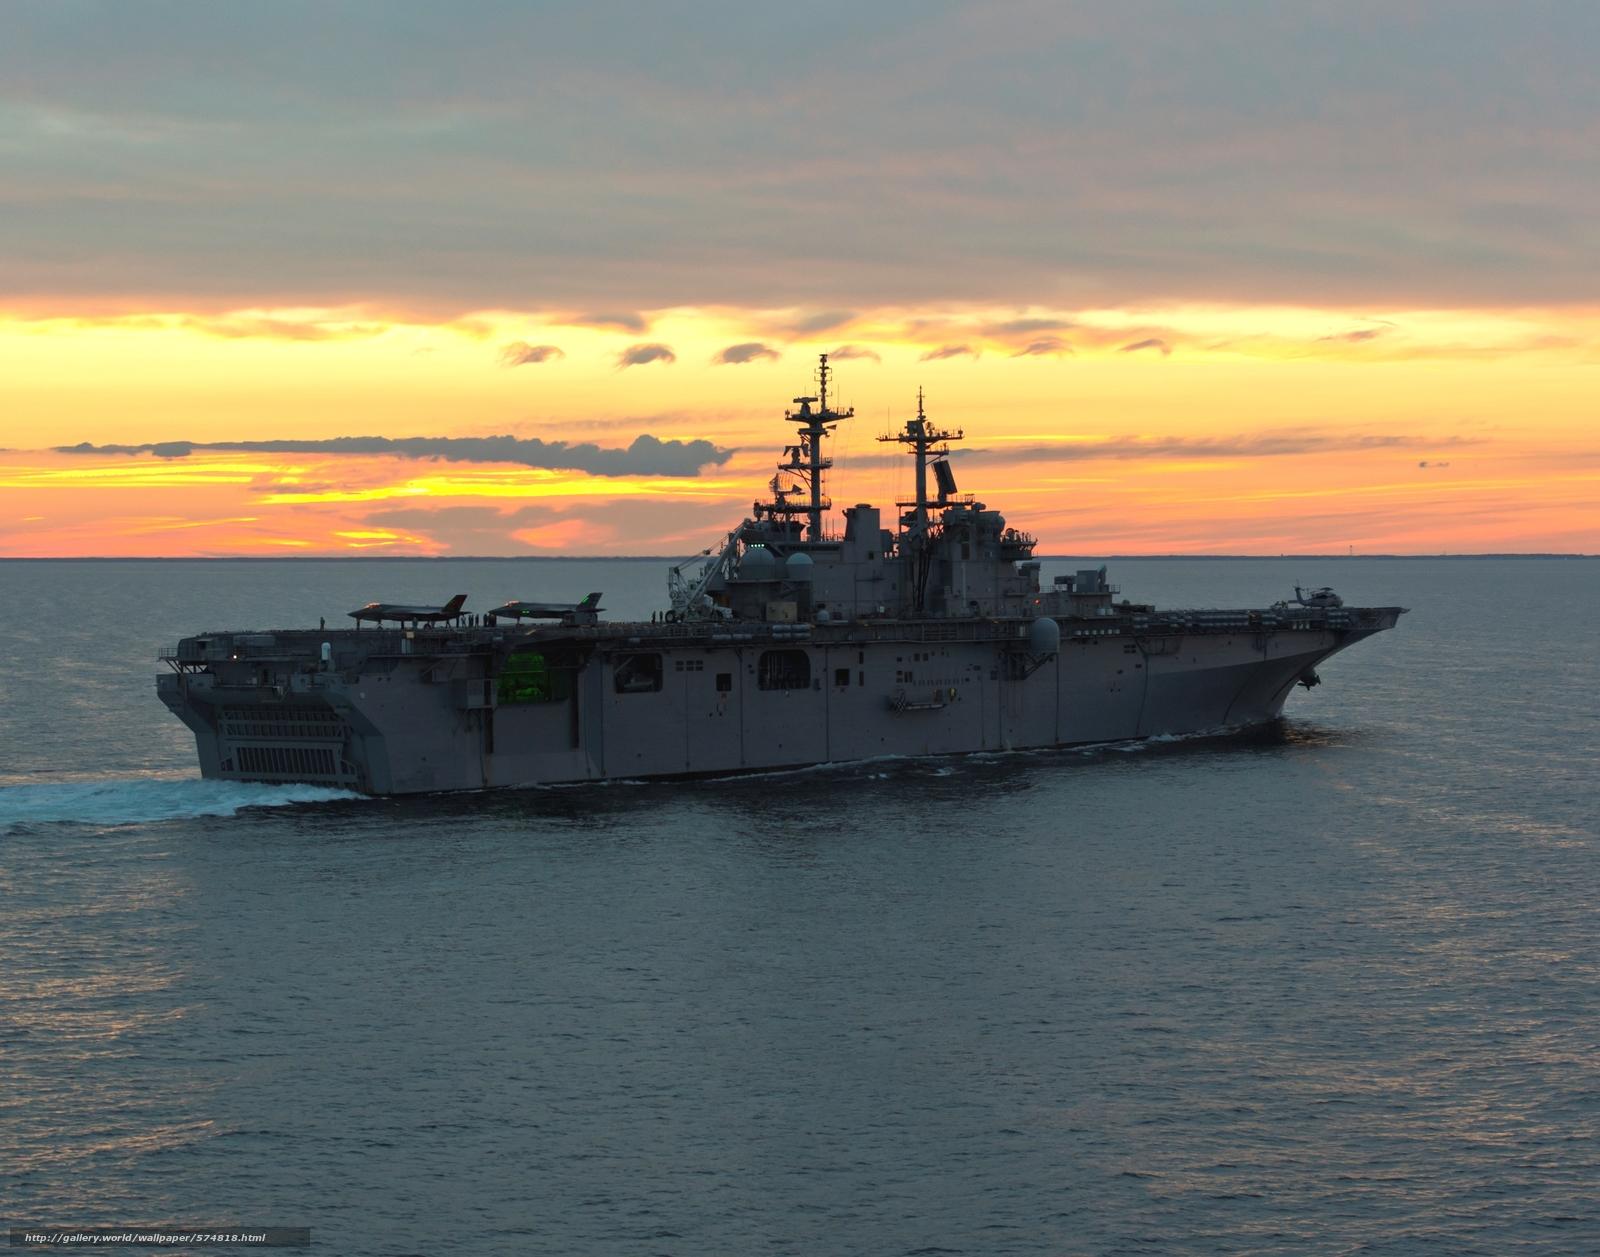 Скачать обои универсальный десантный корабль,  истребители,  море,  самолёты бесплатно для рабочего стола в разрешении 3000x2357 — картинка №574818